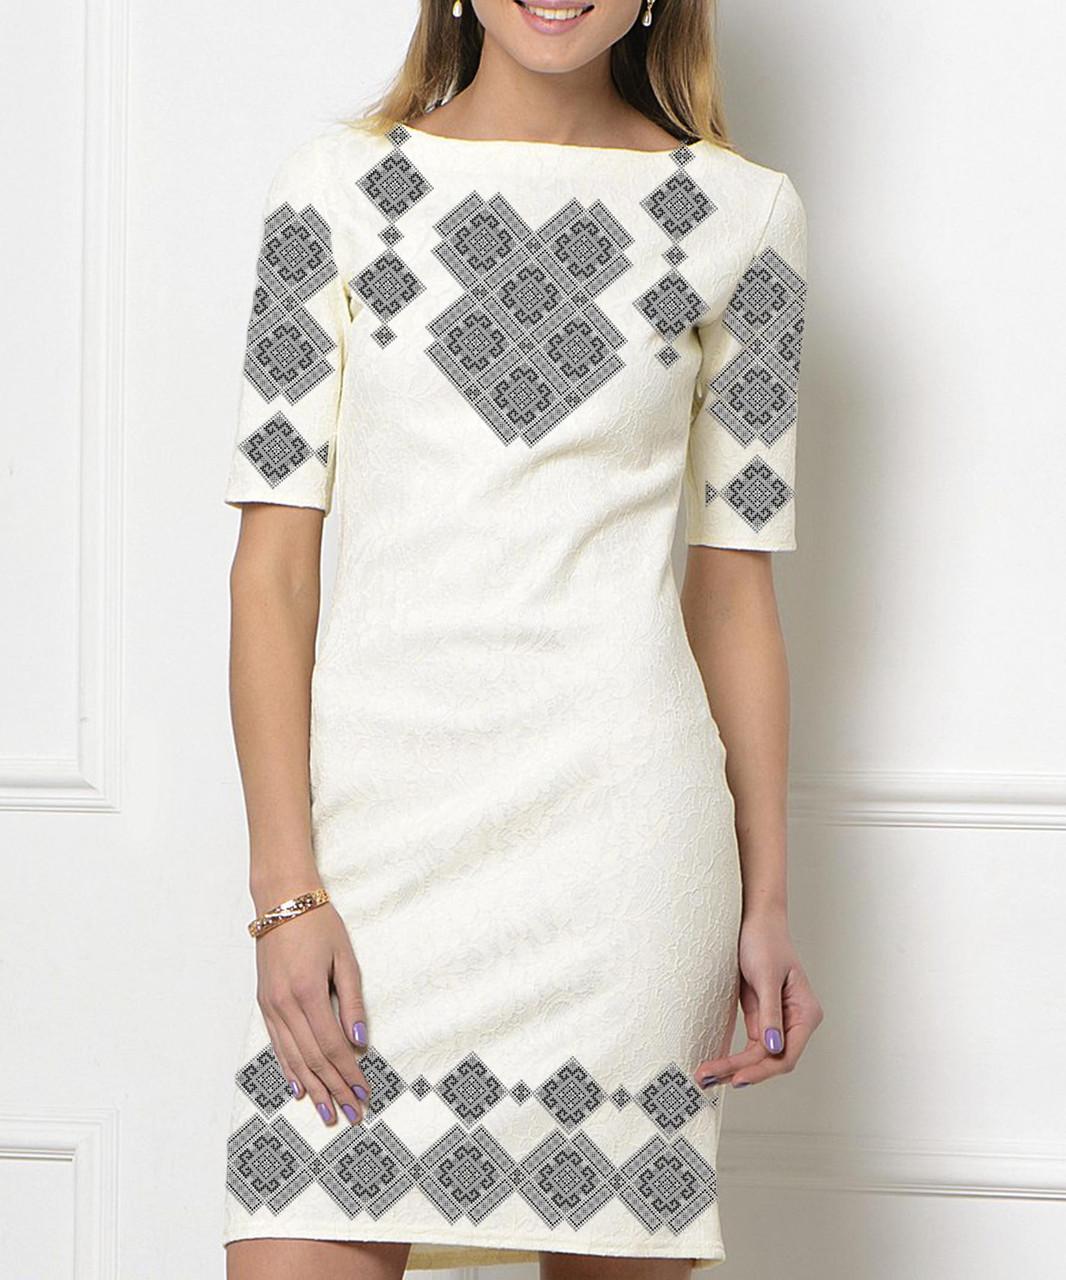 Заготовка женского платья для вышивки / вышивания бисером / ниткой «Сірий орнамент 60 С»